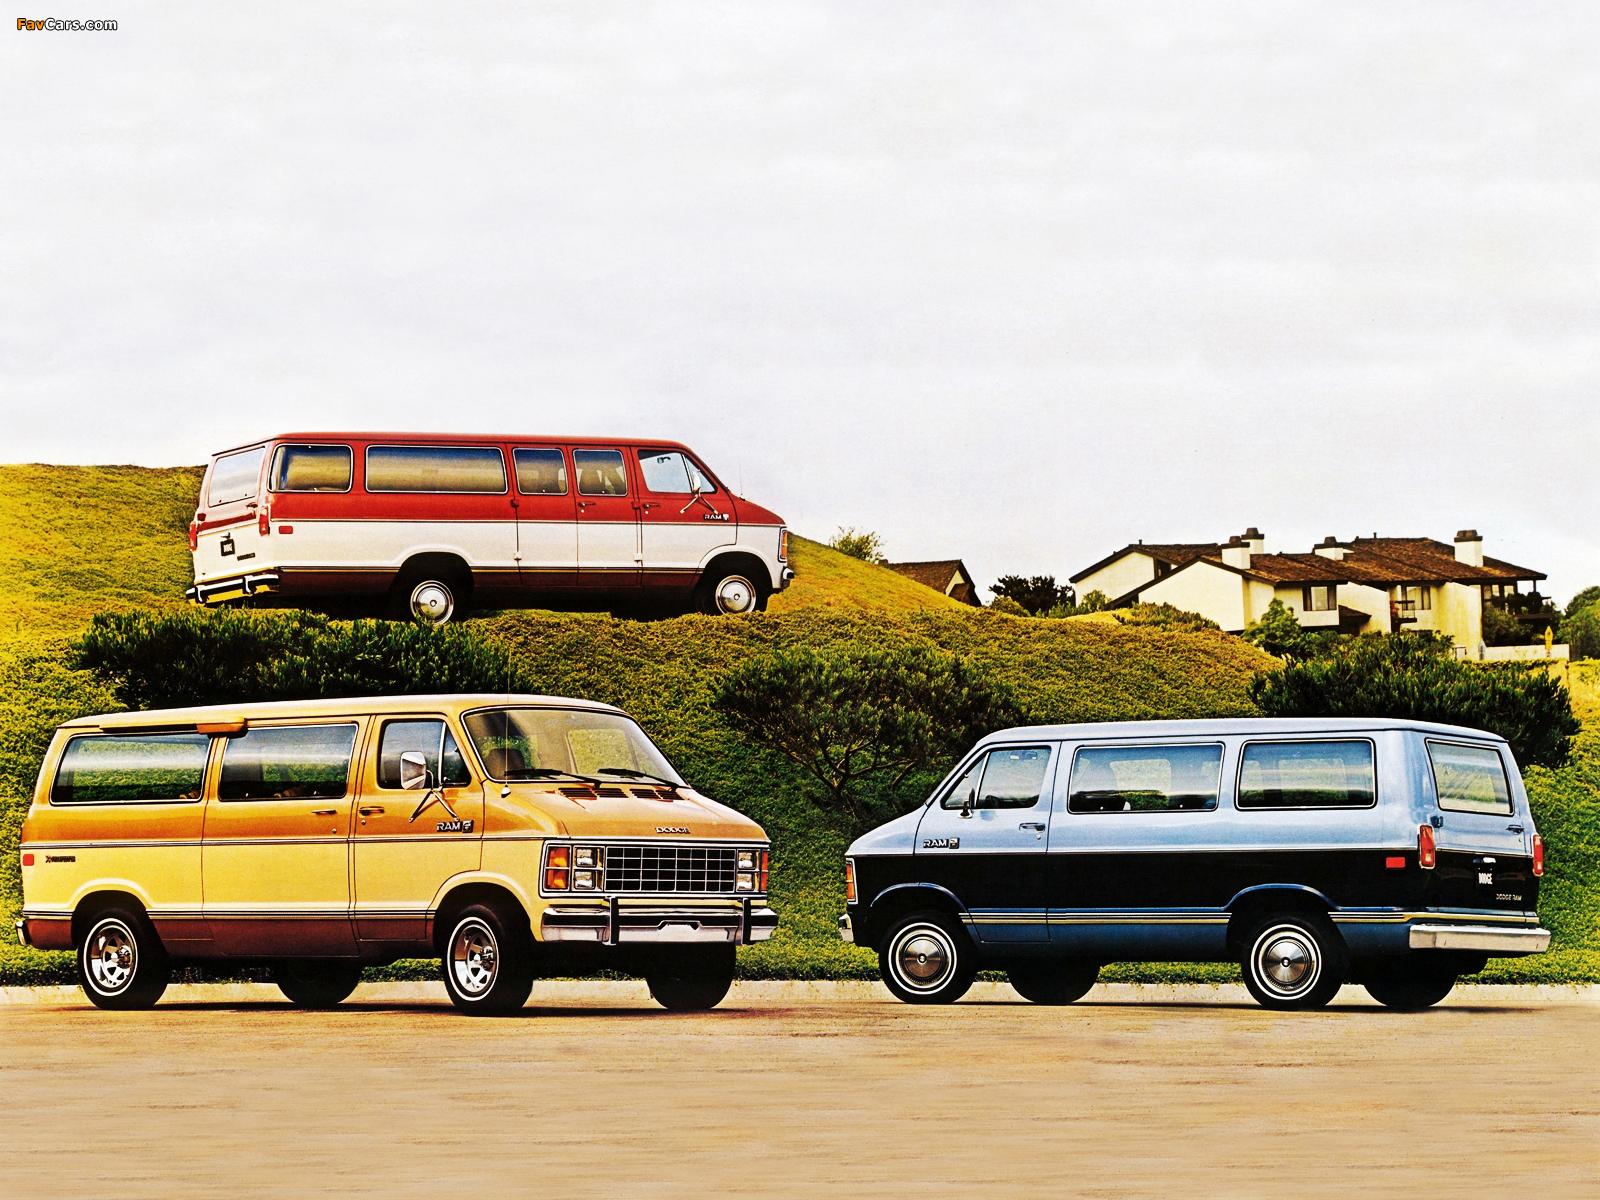 Dodge Ram Van images (1600 x 1200)